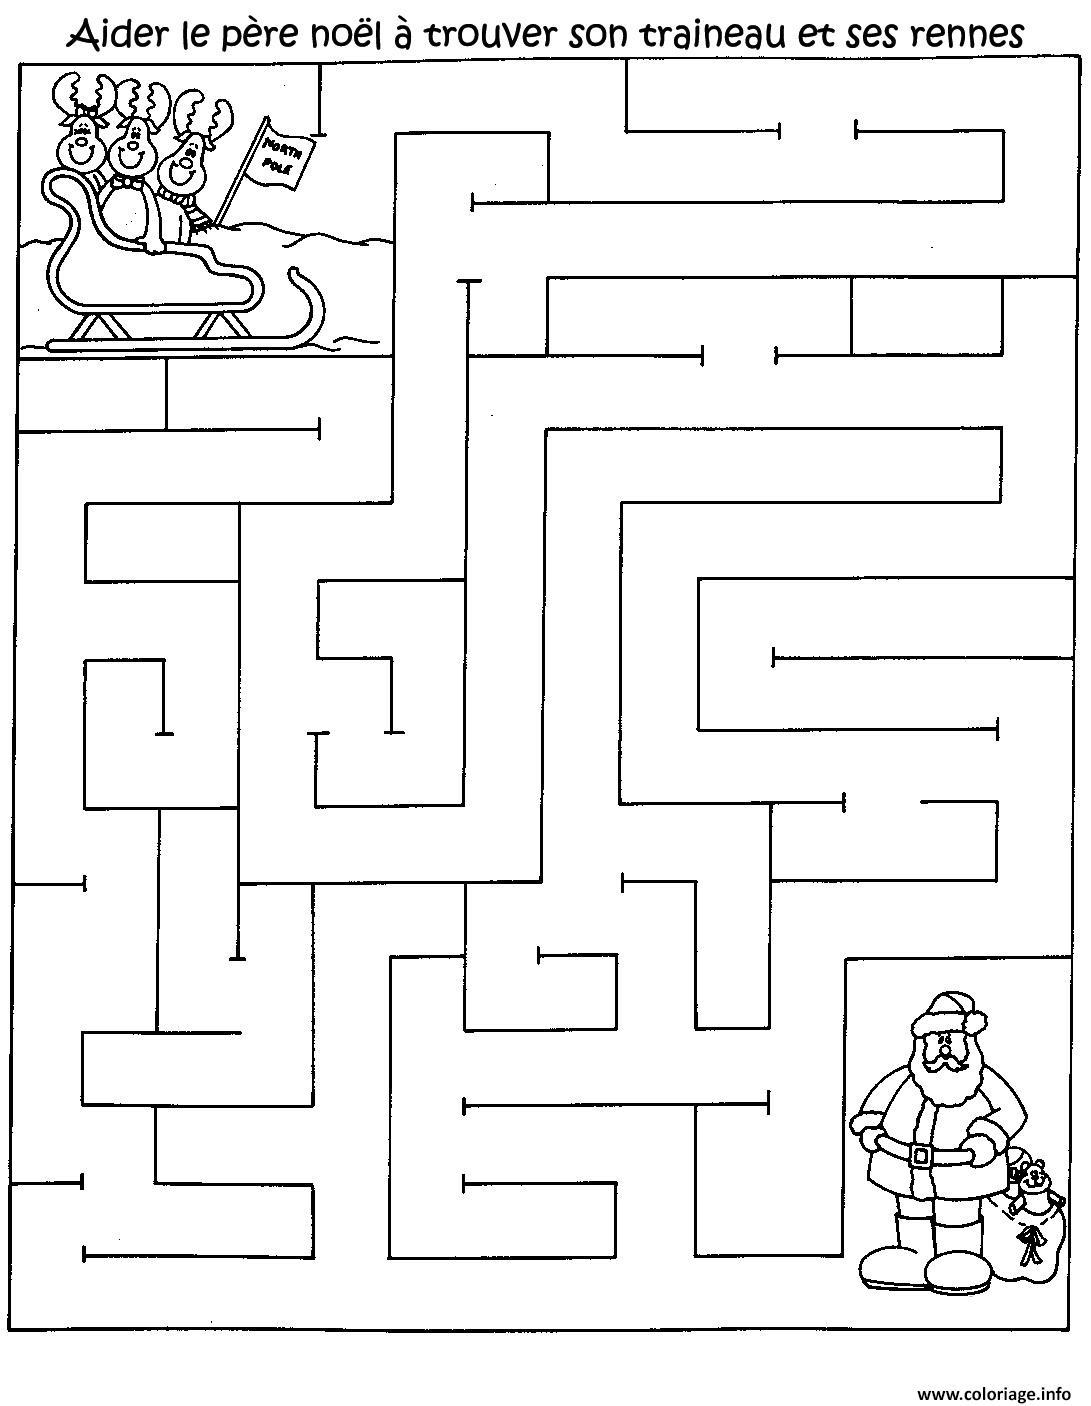 Coloriage Jeu Pere Noel Labyrinthe Noel Gratuit Imprimer Dessin à Jeux Mathématiques À Imprimer